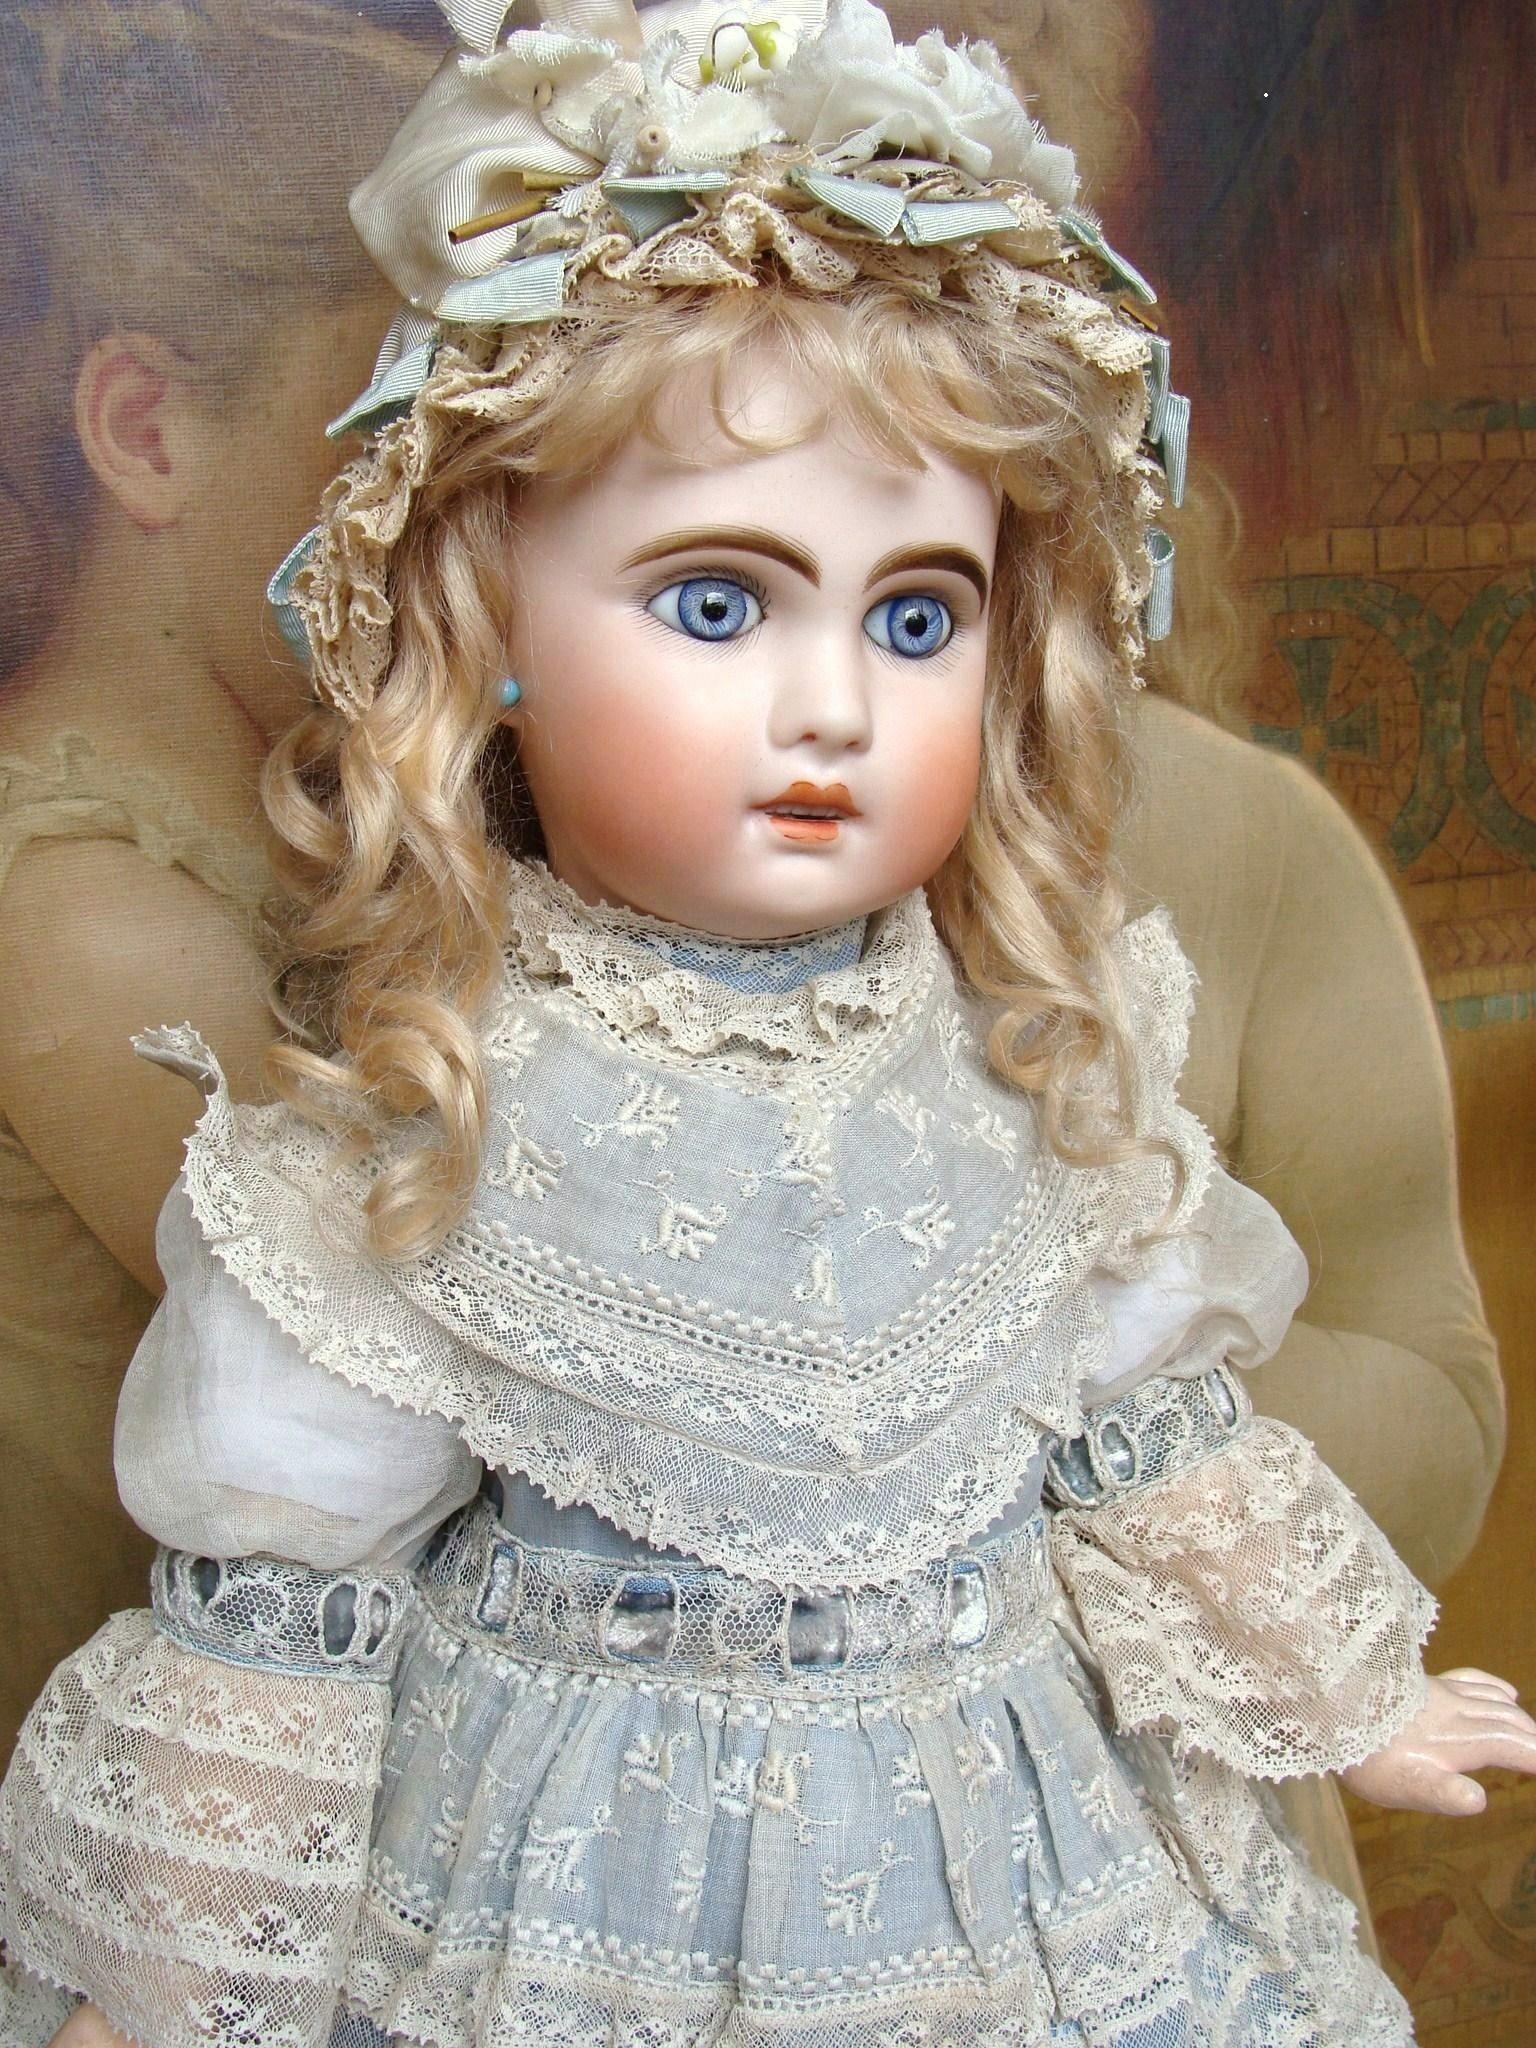 Very nice antique Jumeau Bebe nicely dressed.